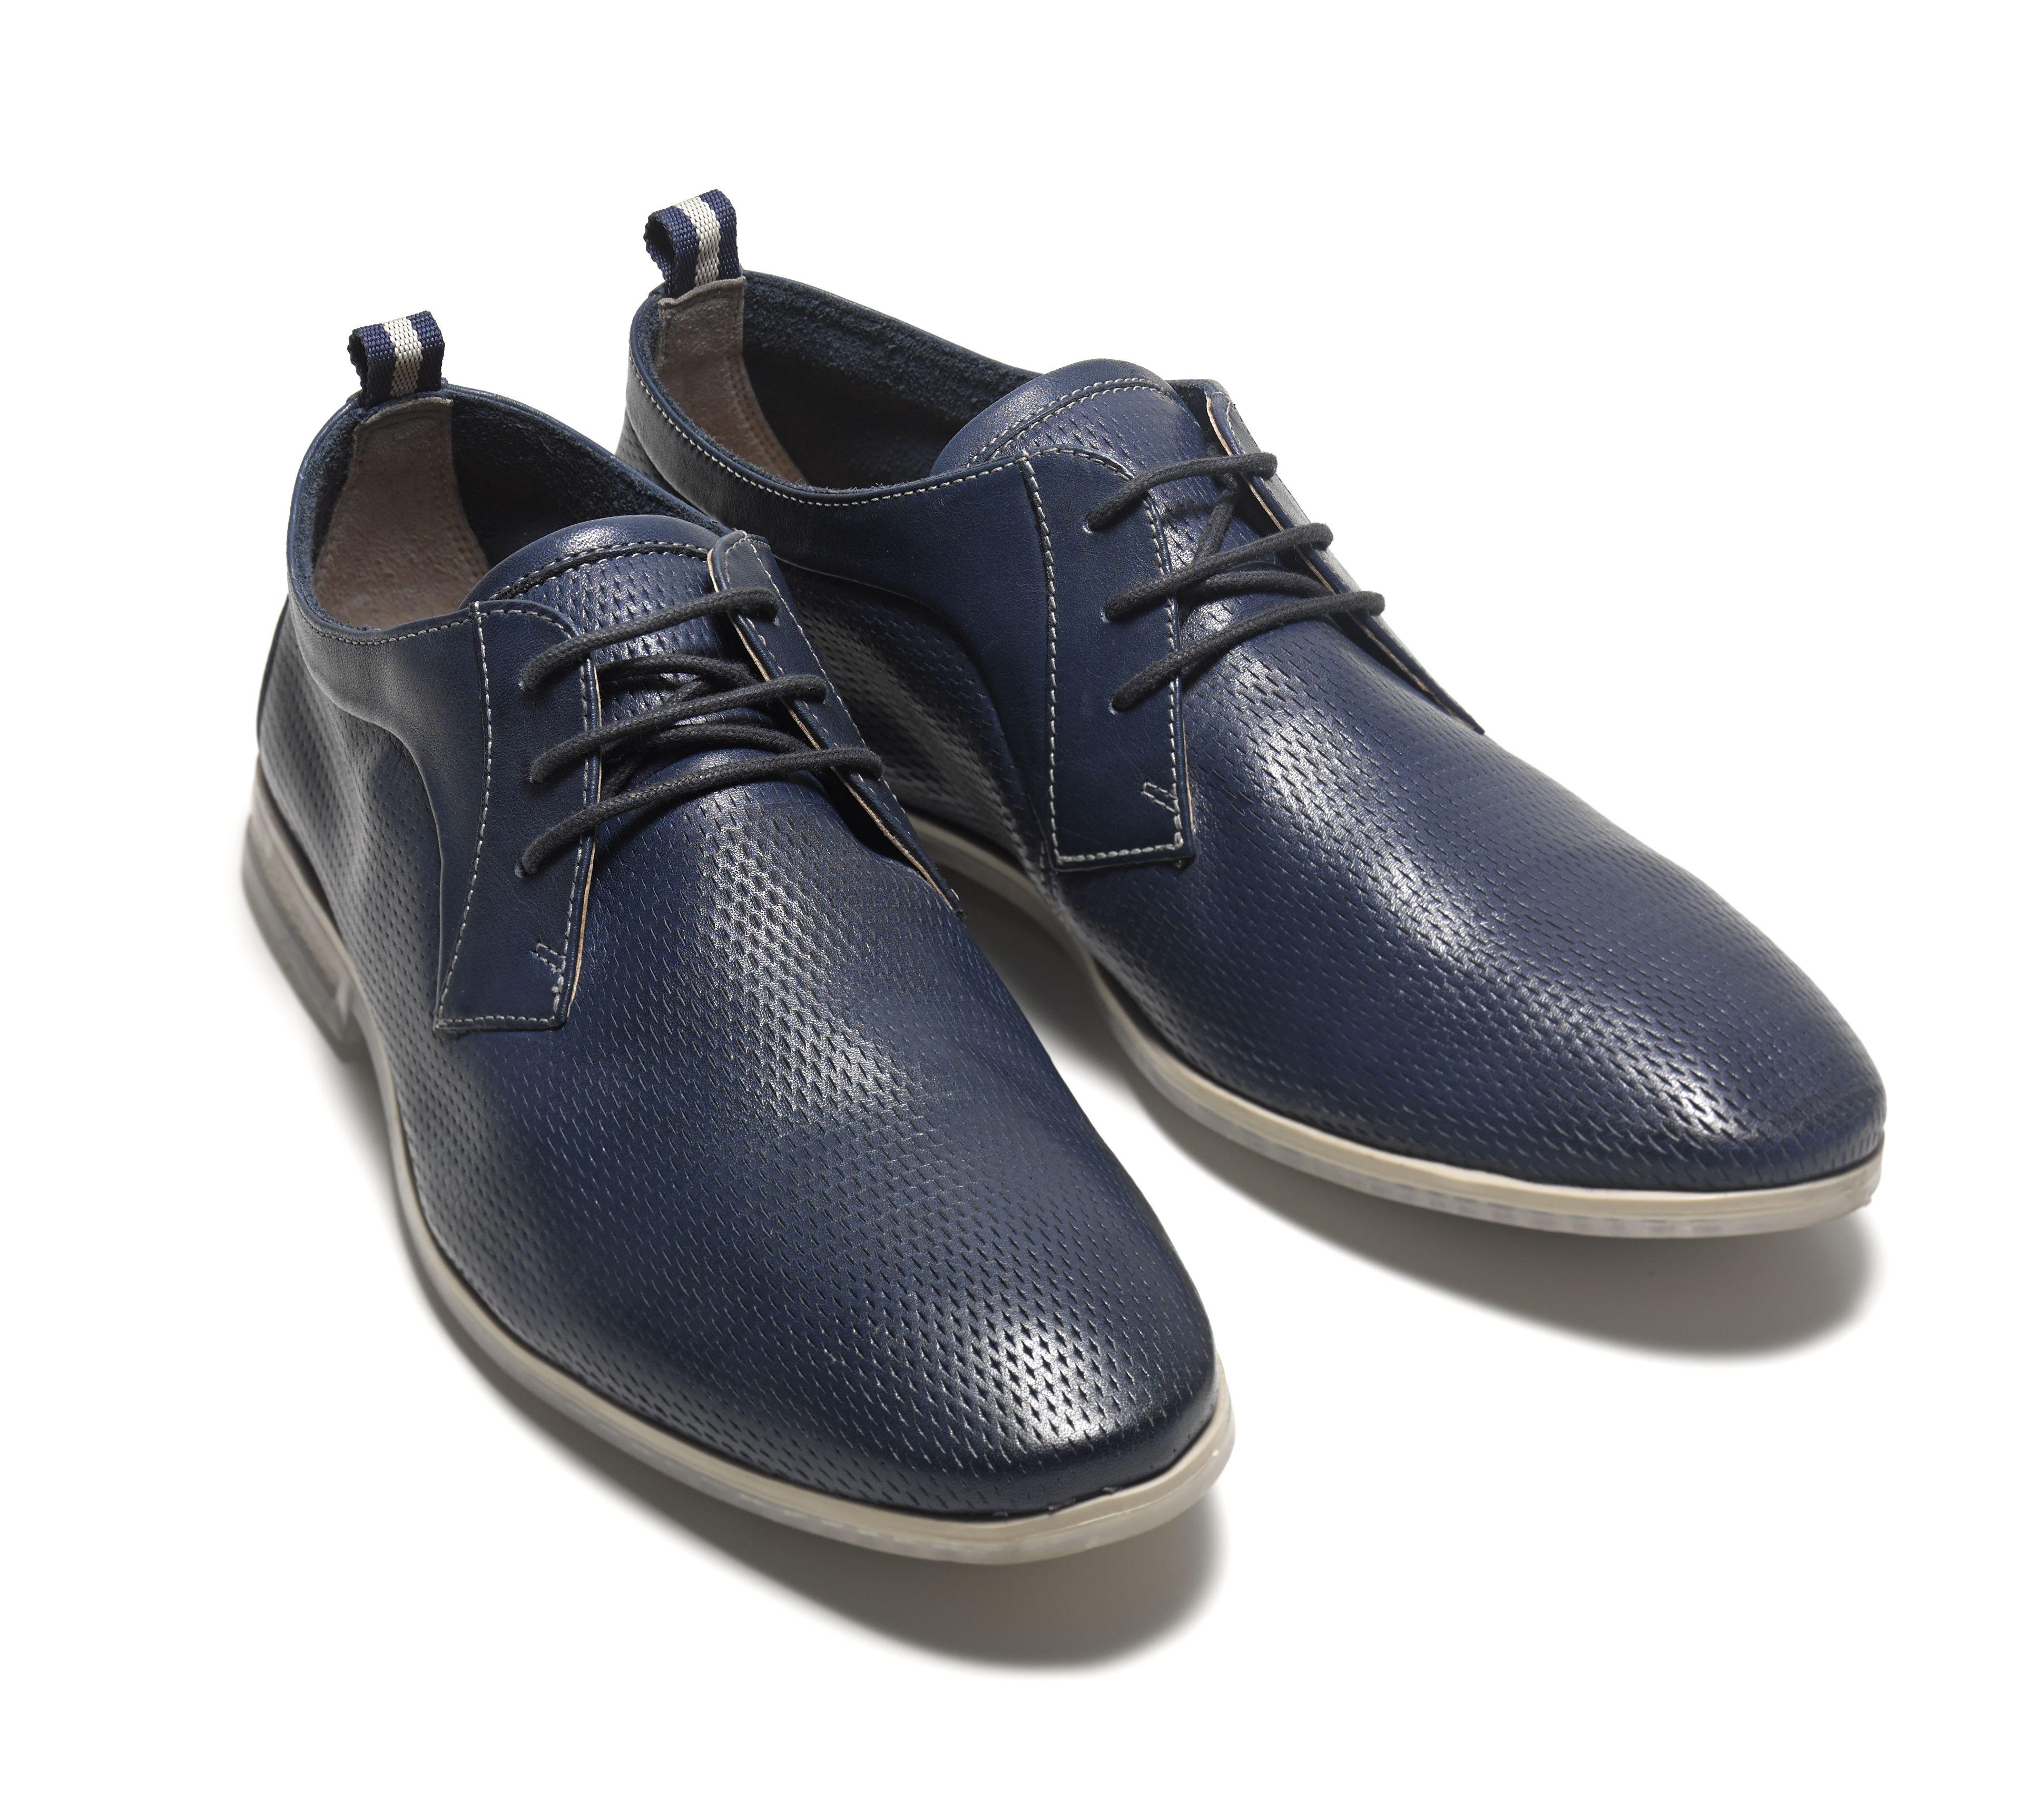 Blaue Schnürschuhe aus Premium-Leder mit perforierter Oberfläche, Clarks Frewick Lace, 89,95 Euro: http://www.clarks.de/p/26107710